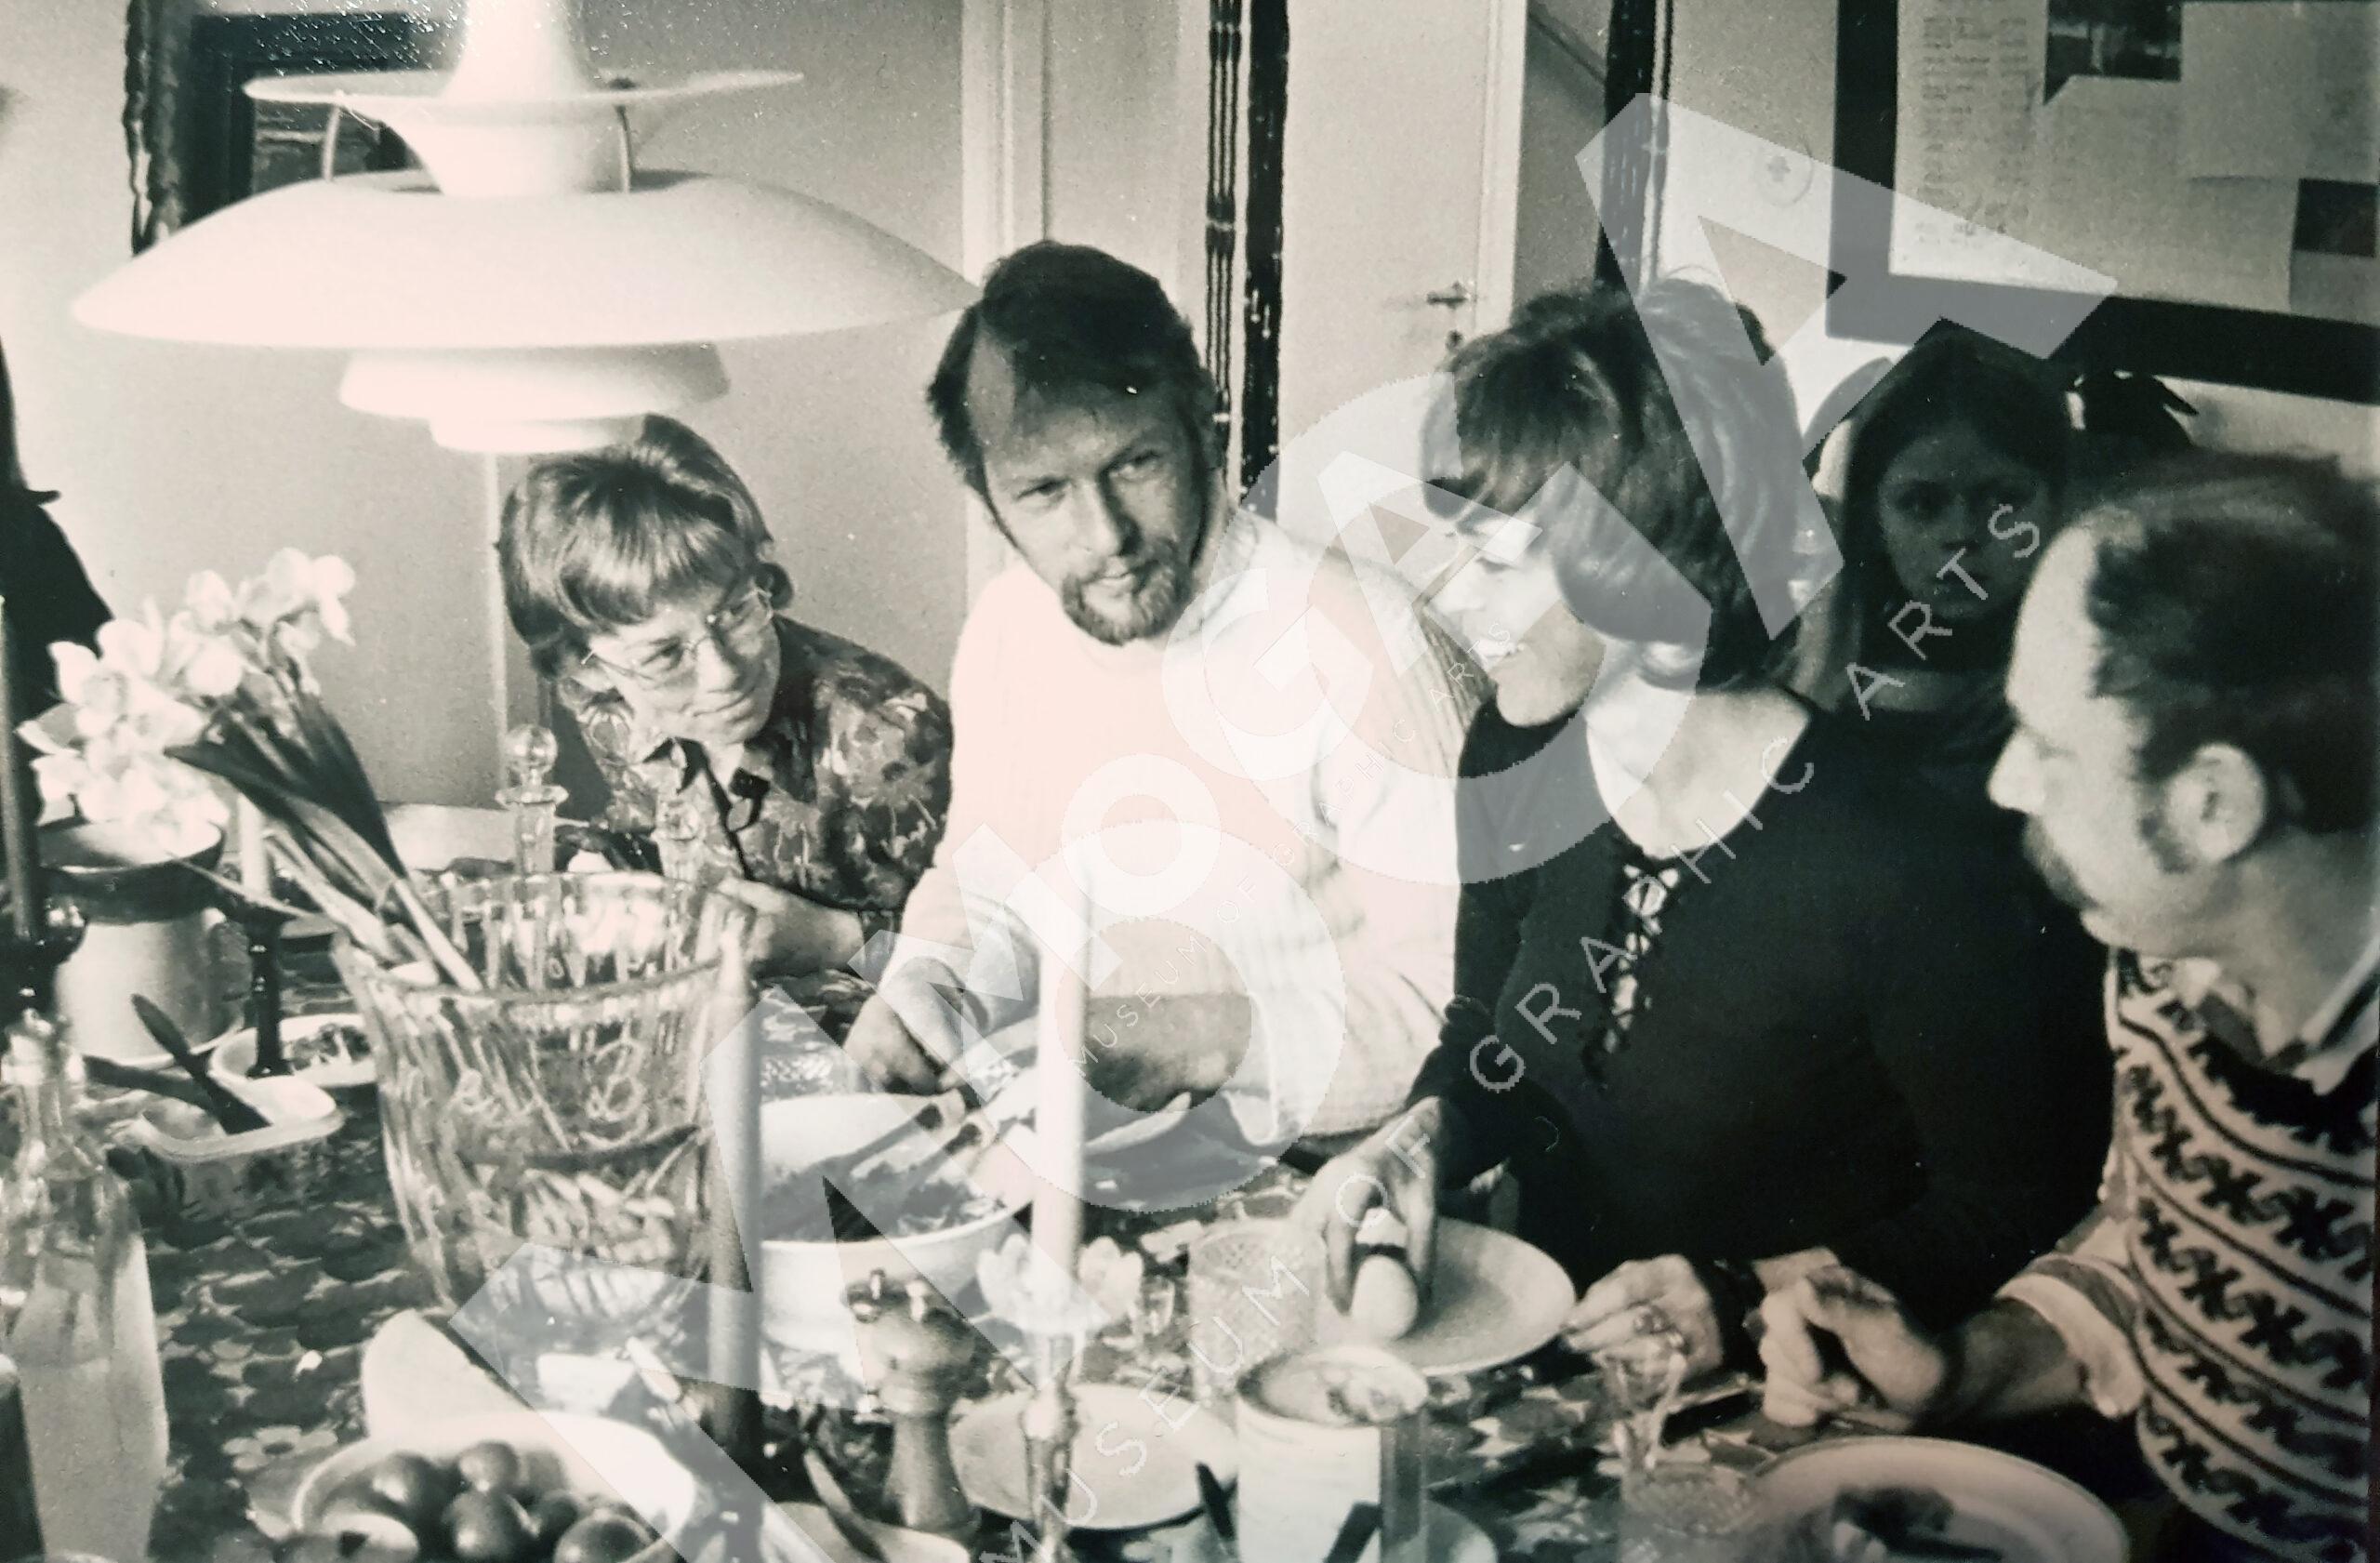 Lunch hos Barks på 70-talet.